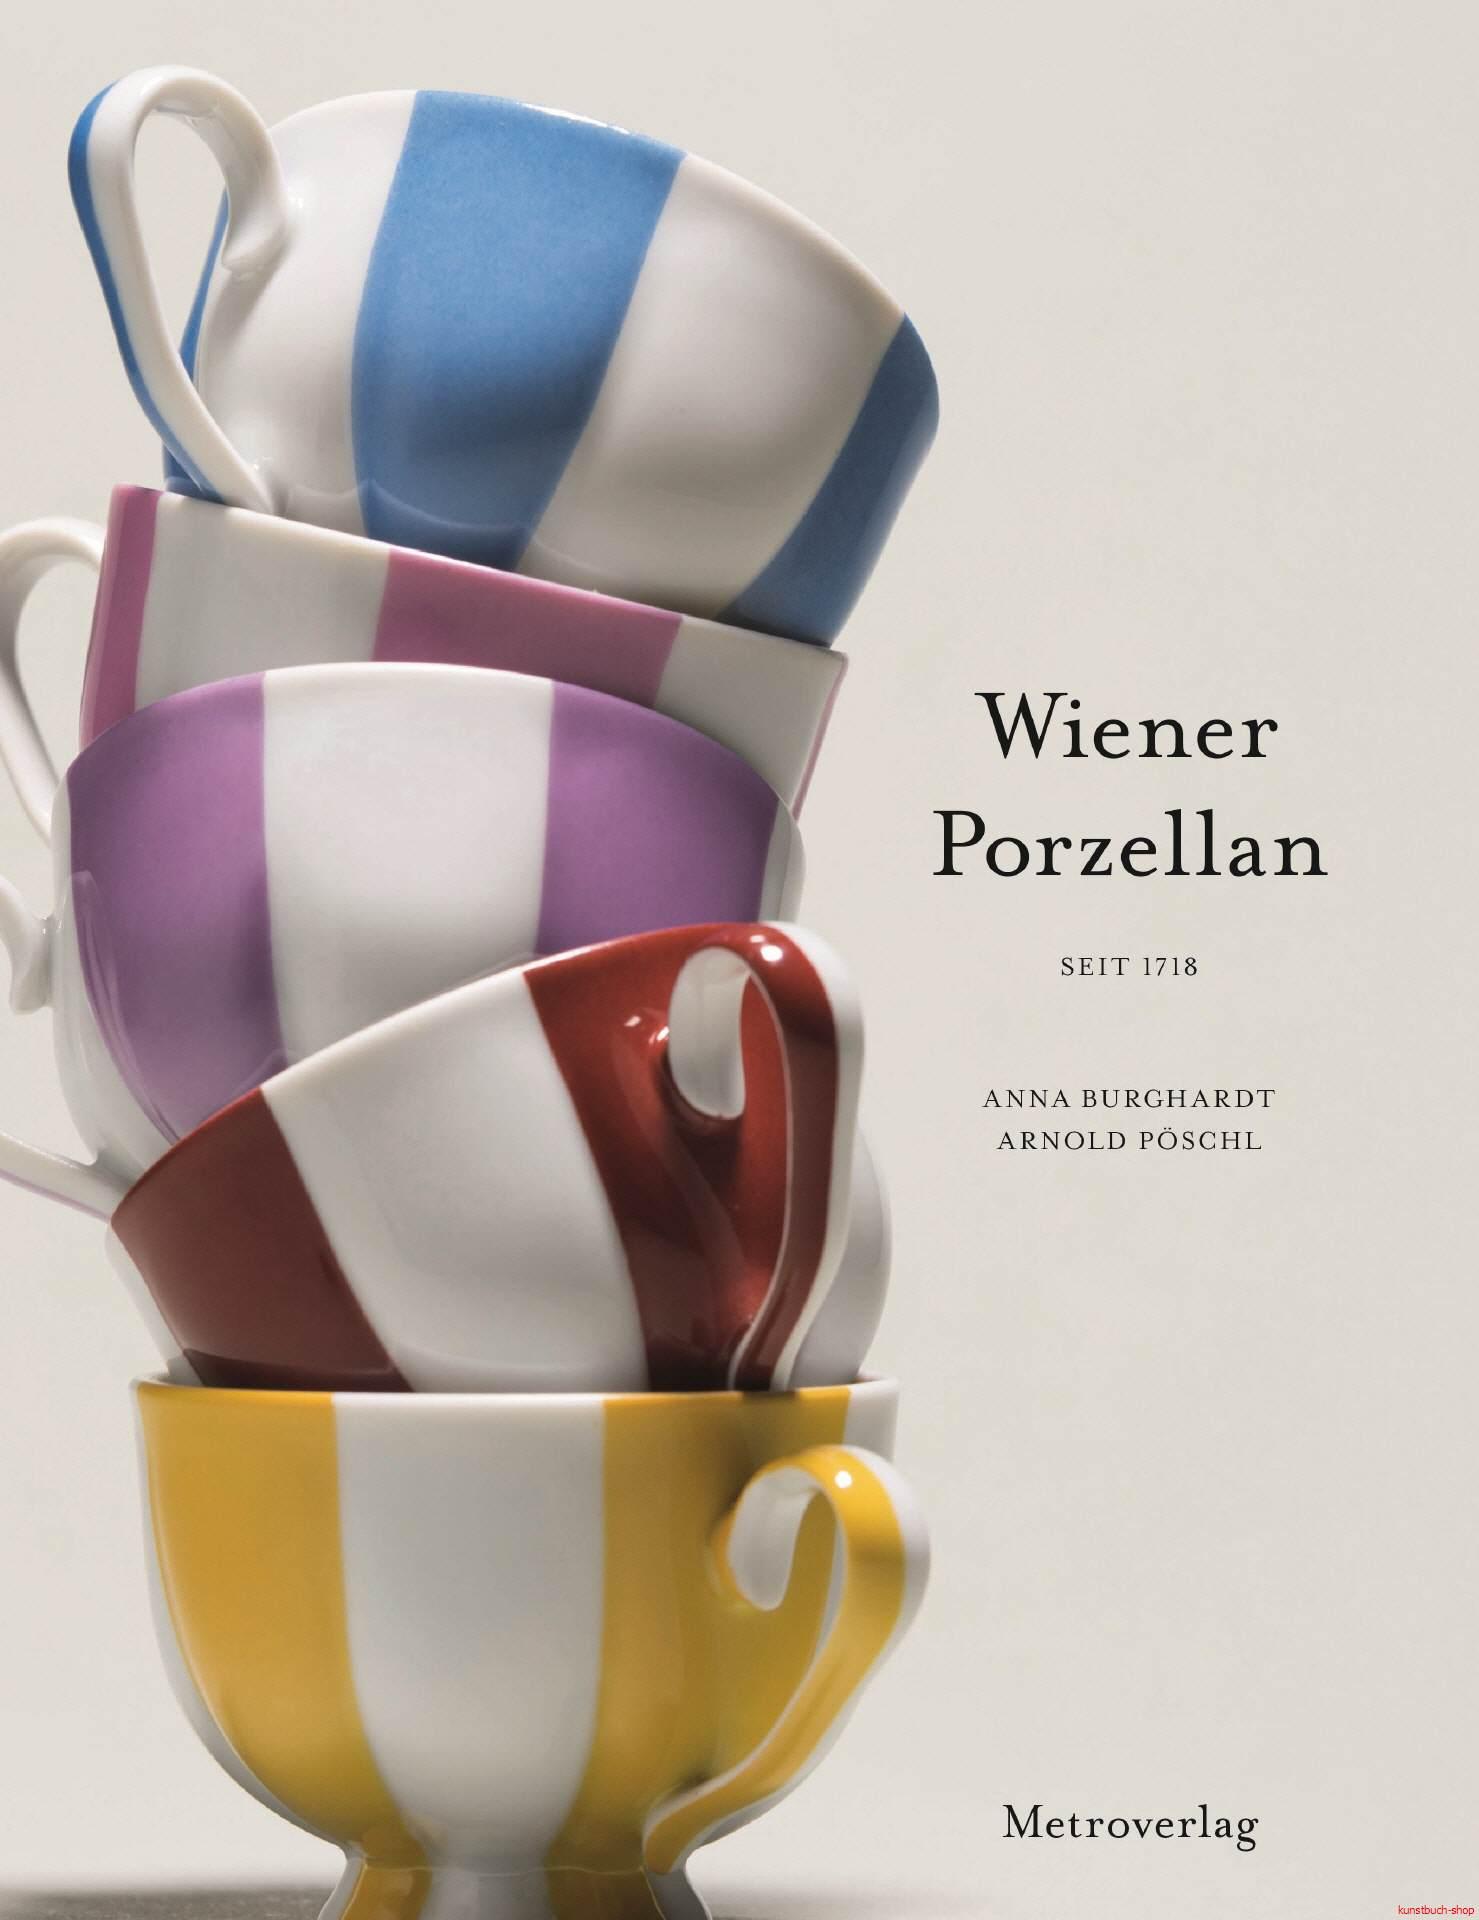 Wiener Porzellan